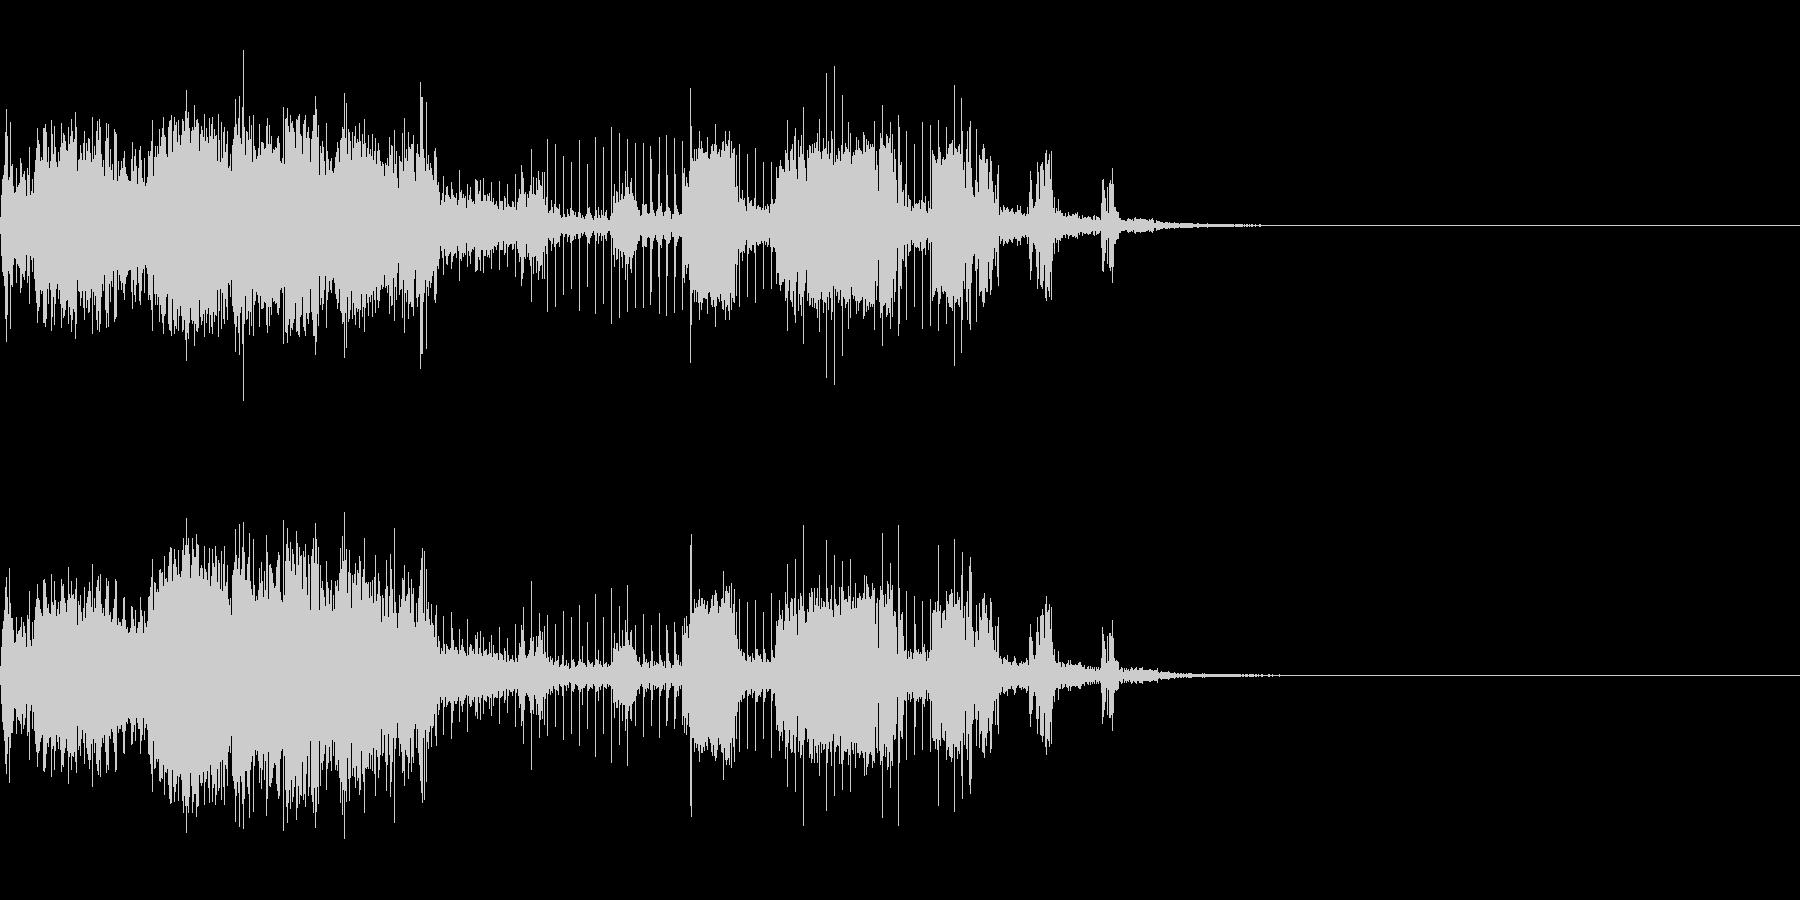 スパーク音-29の未再生の波形